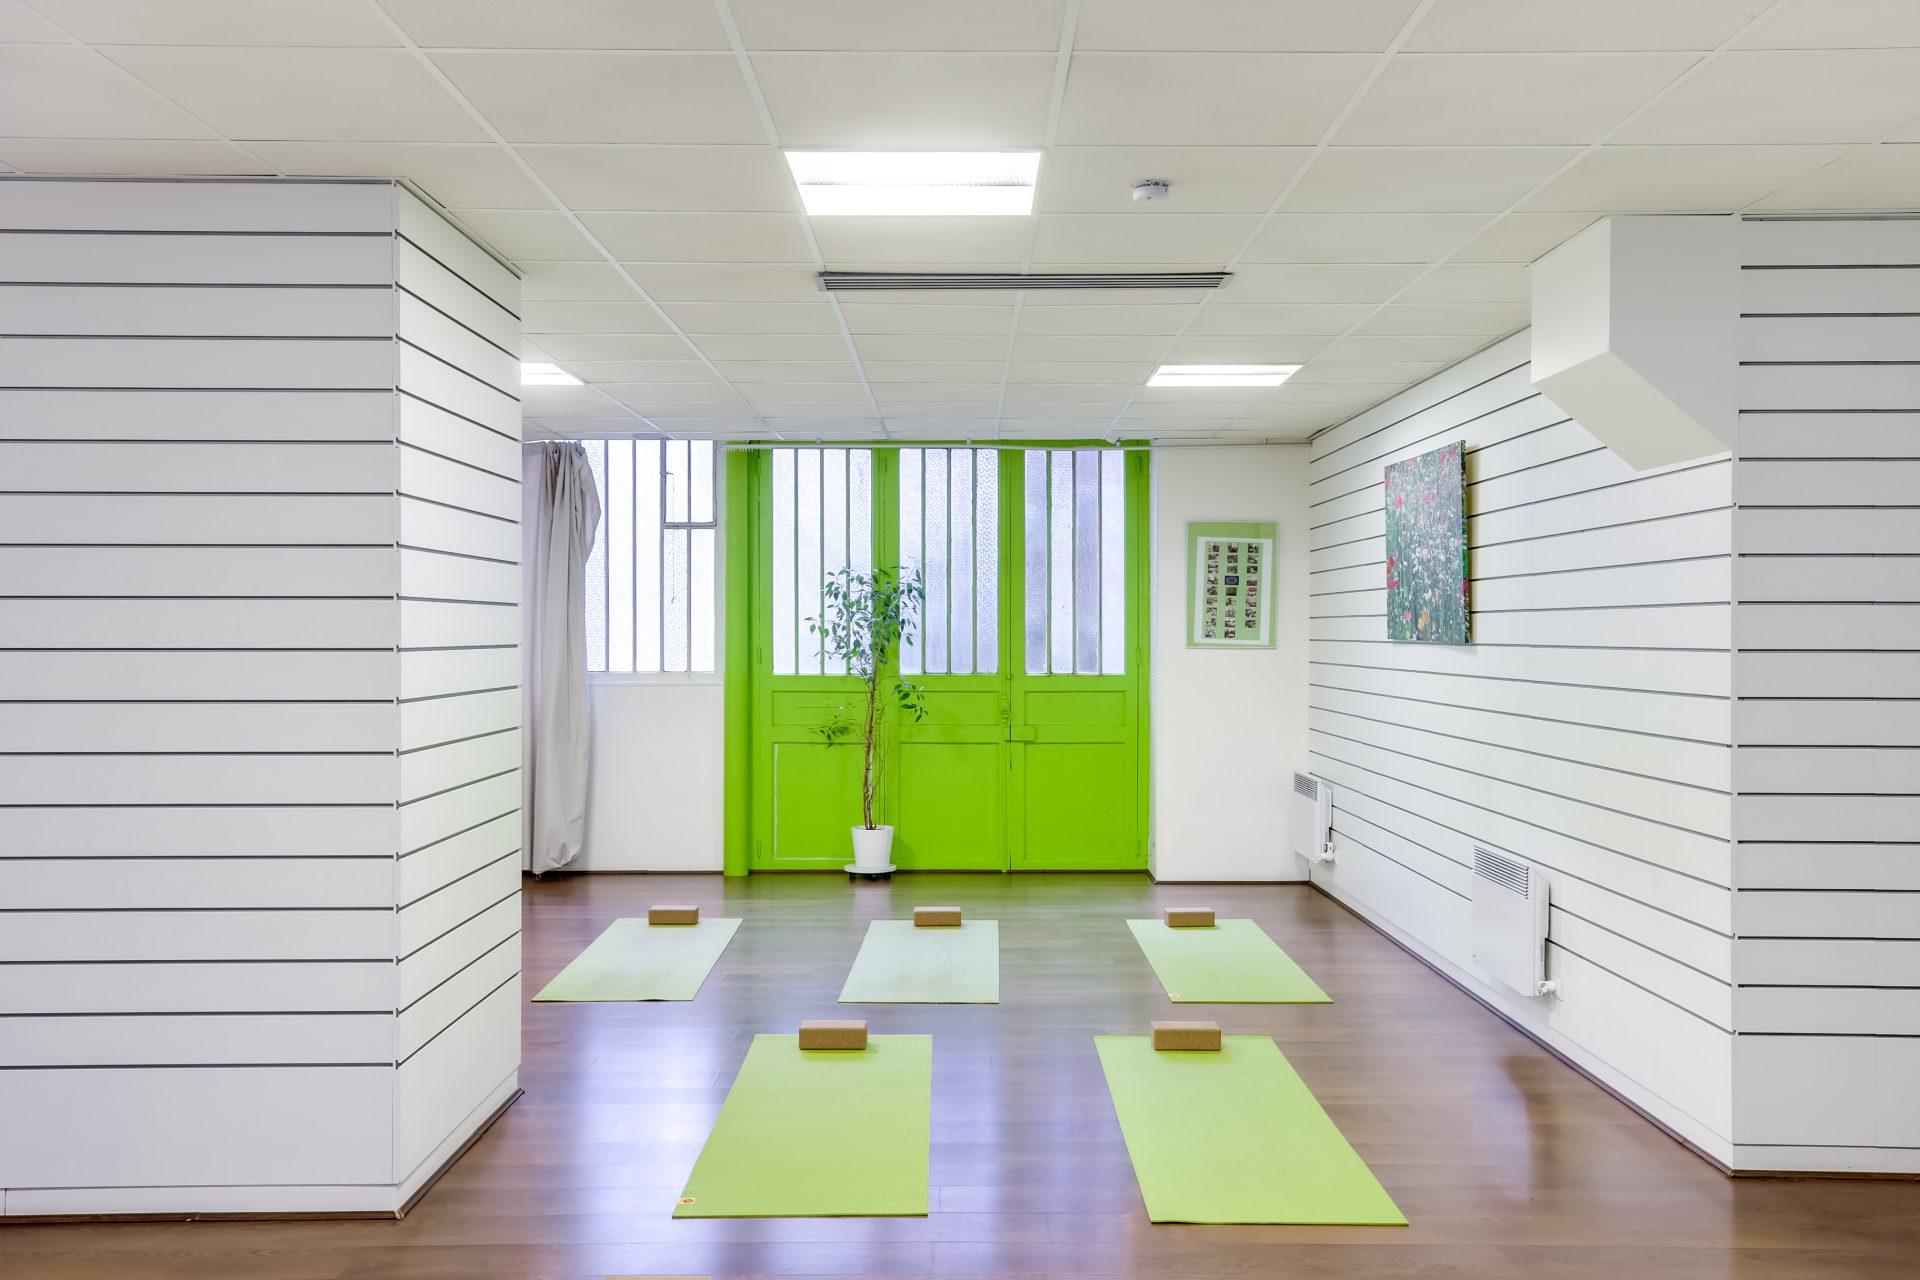 Accueil - Yoga   coYoga   co » Yoga pour tous 18f57a3be4a